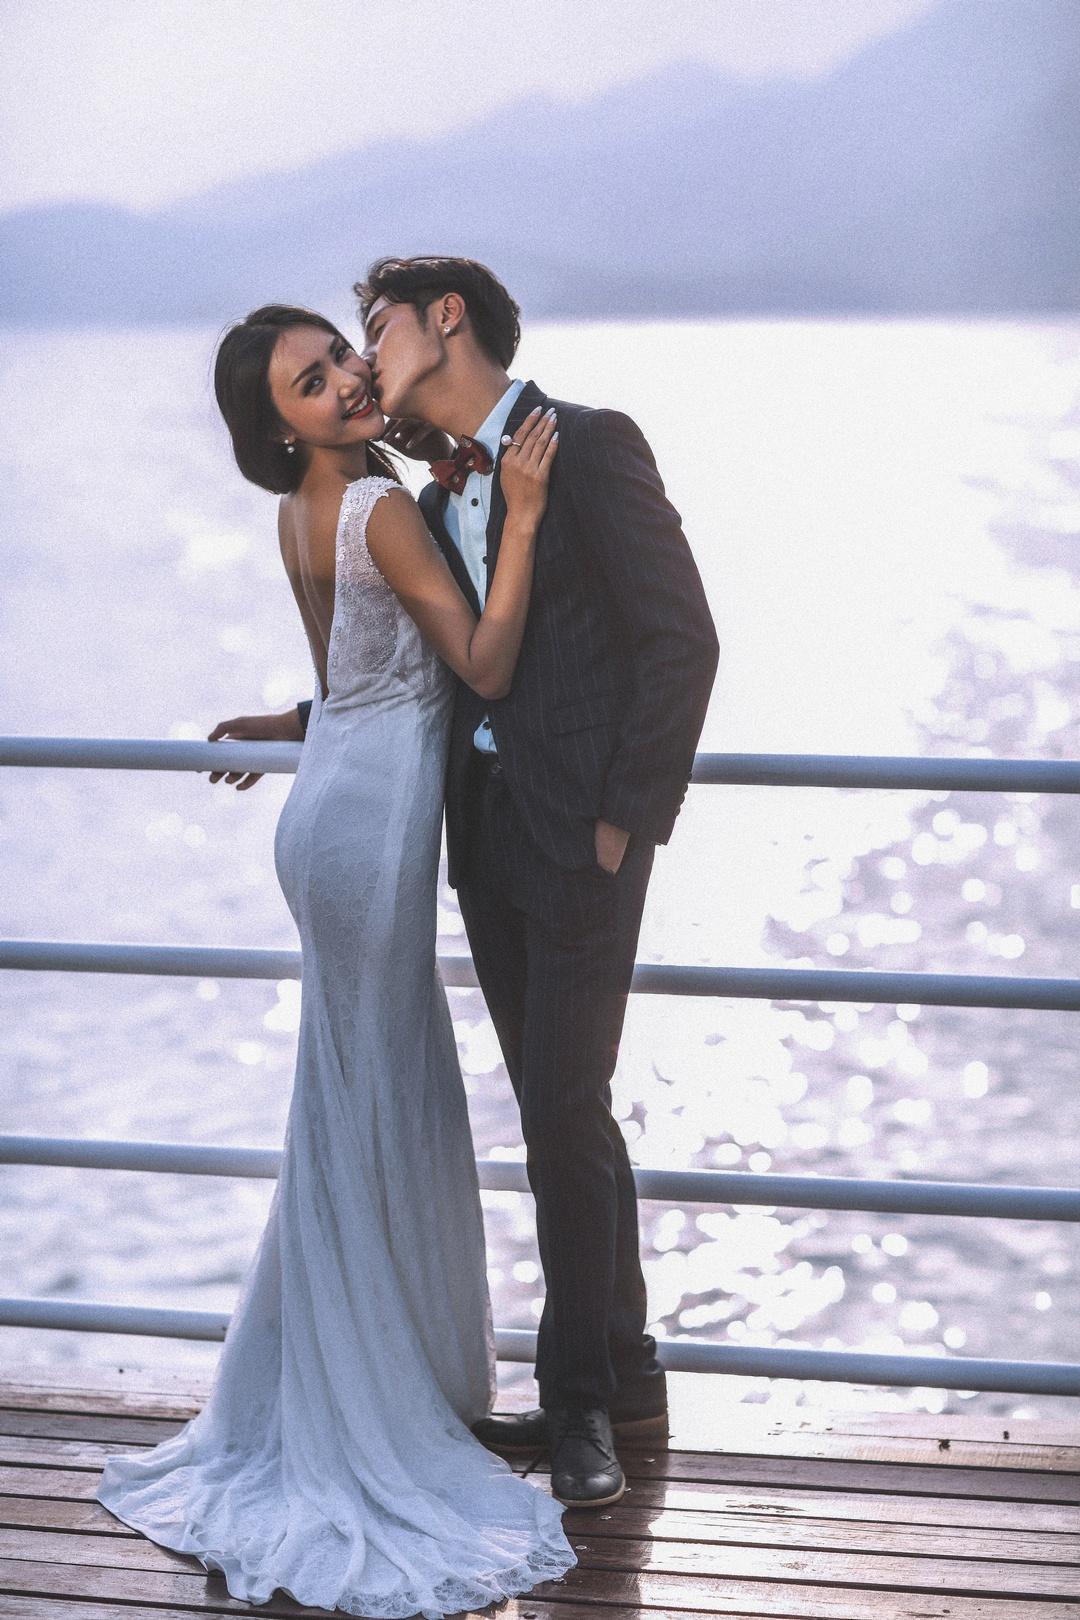 厚街婚纱照哪家拍的好,找厚街婚纱摄影,来好莱坞婚纱摄影工作室